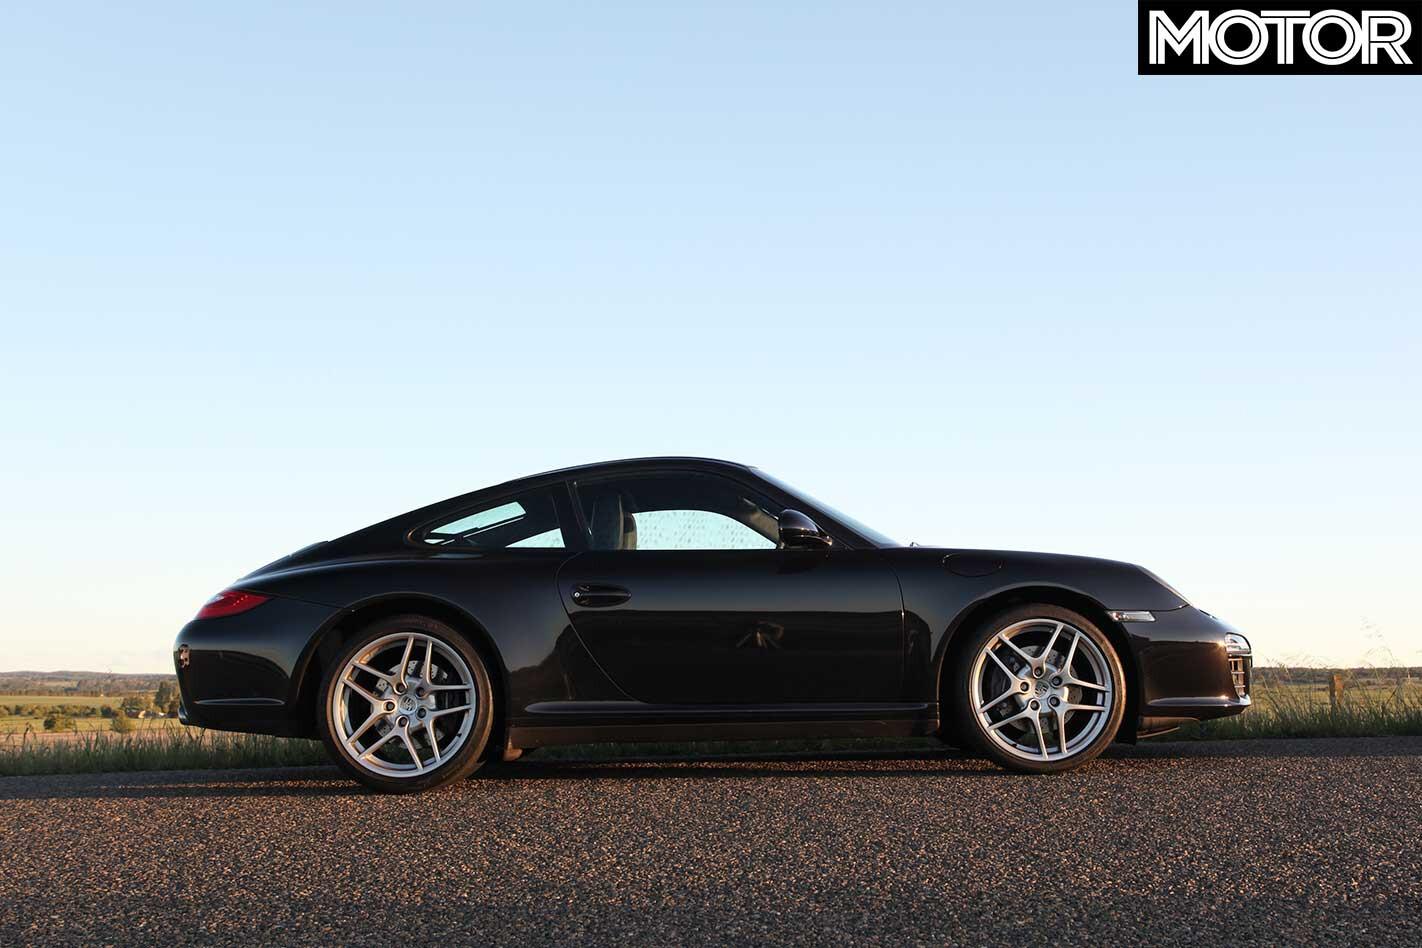 2011 Porsche 911 Carrera 4 S Side Profile Jpg